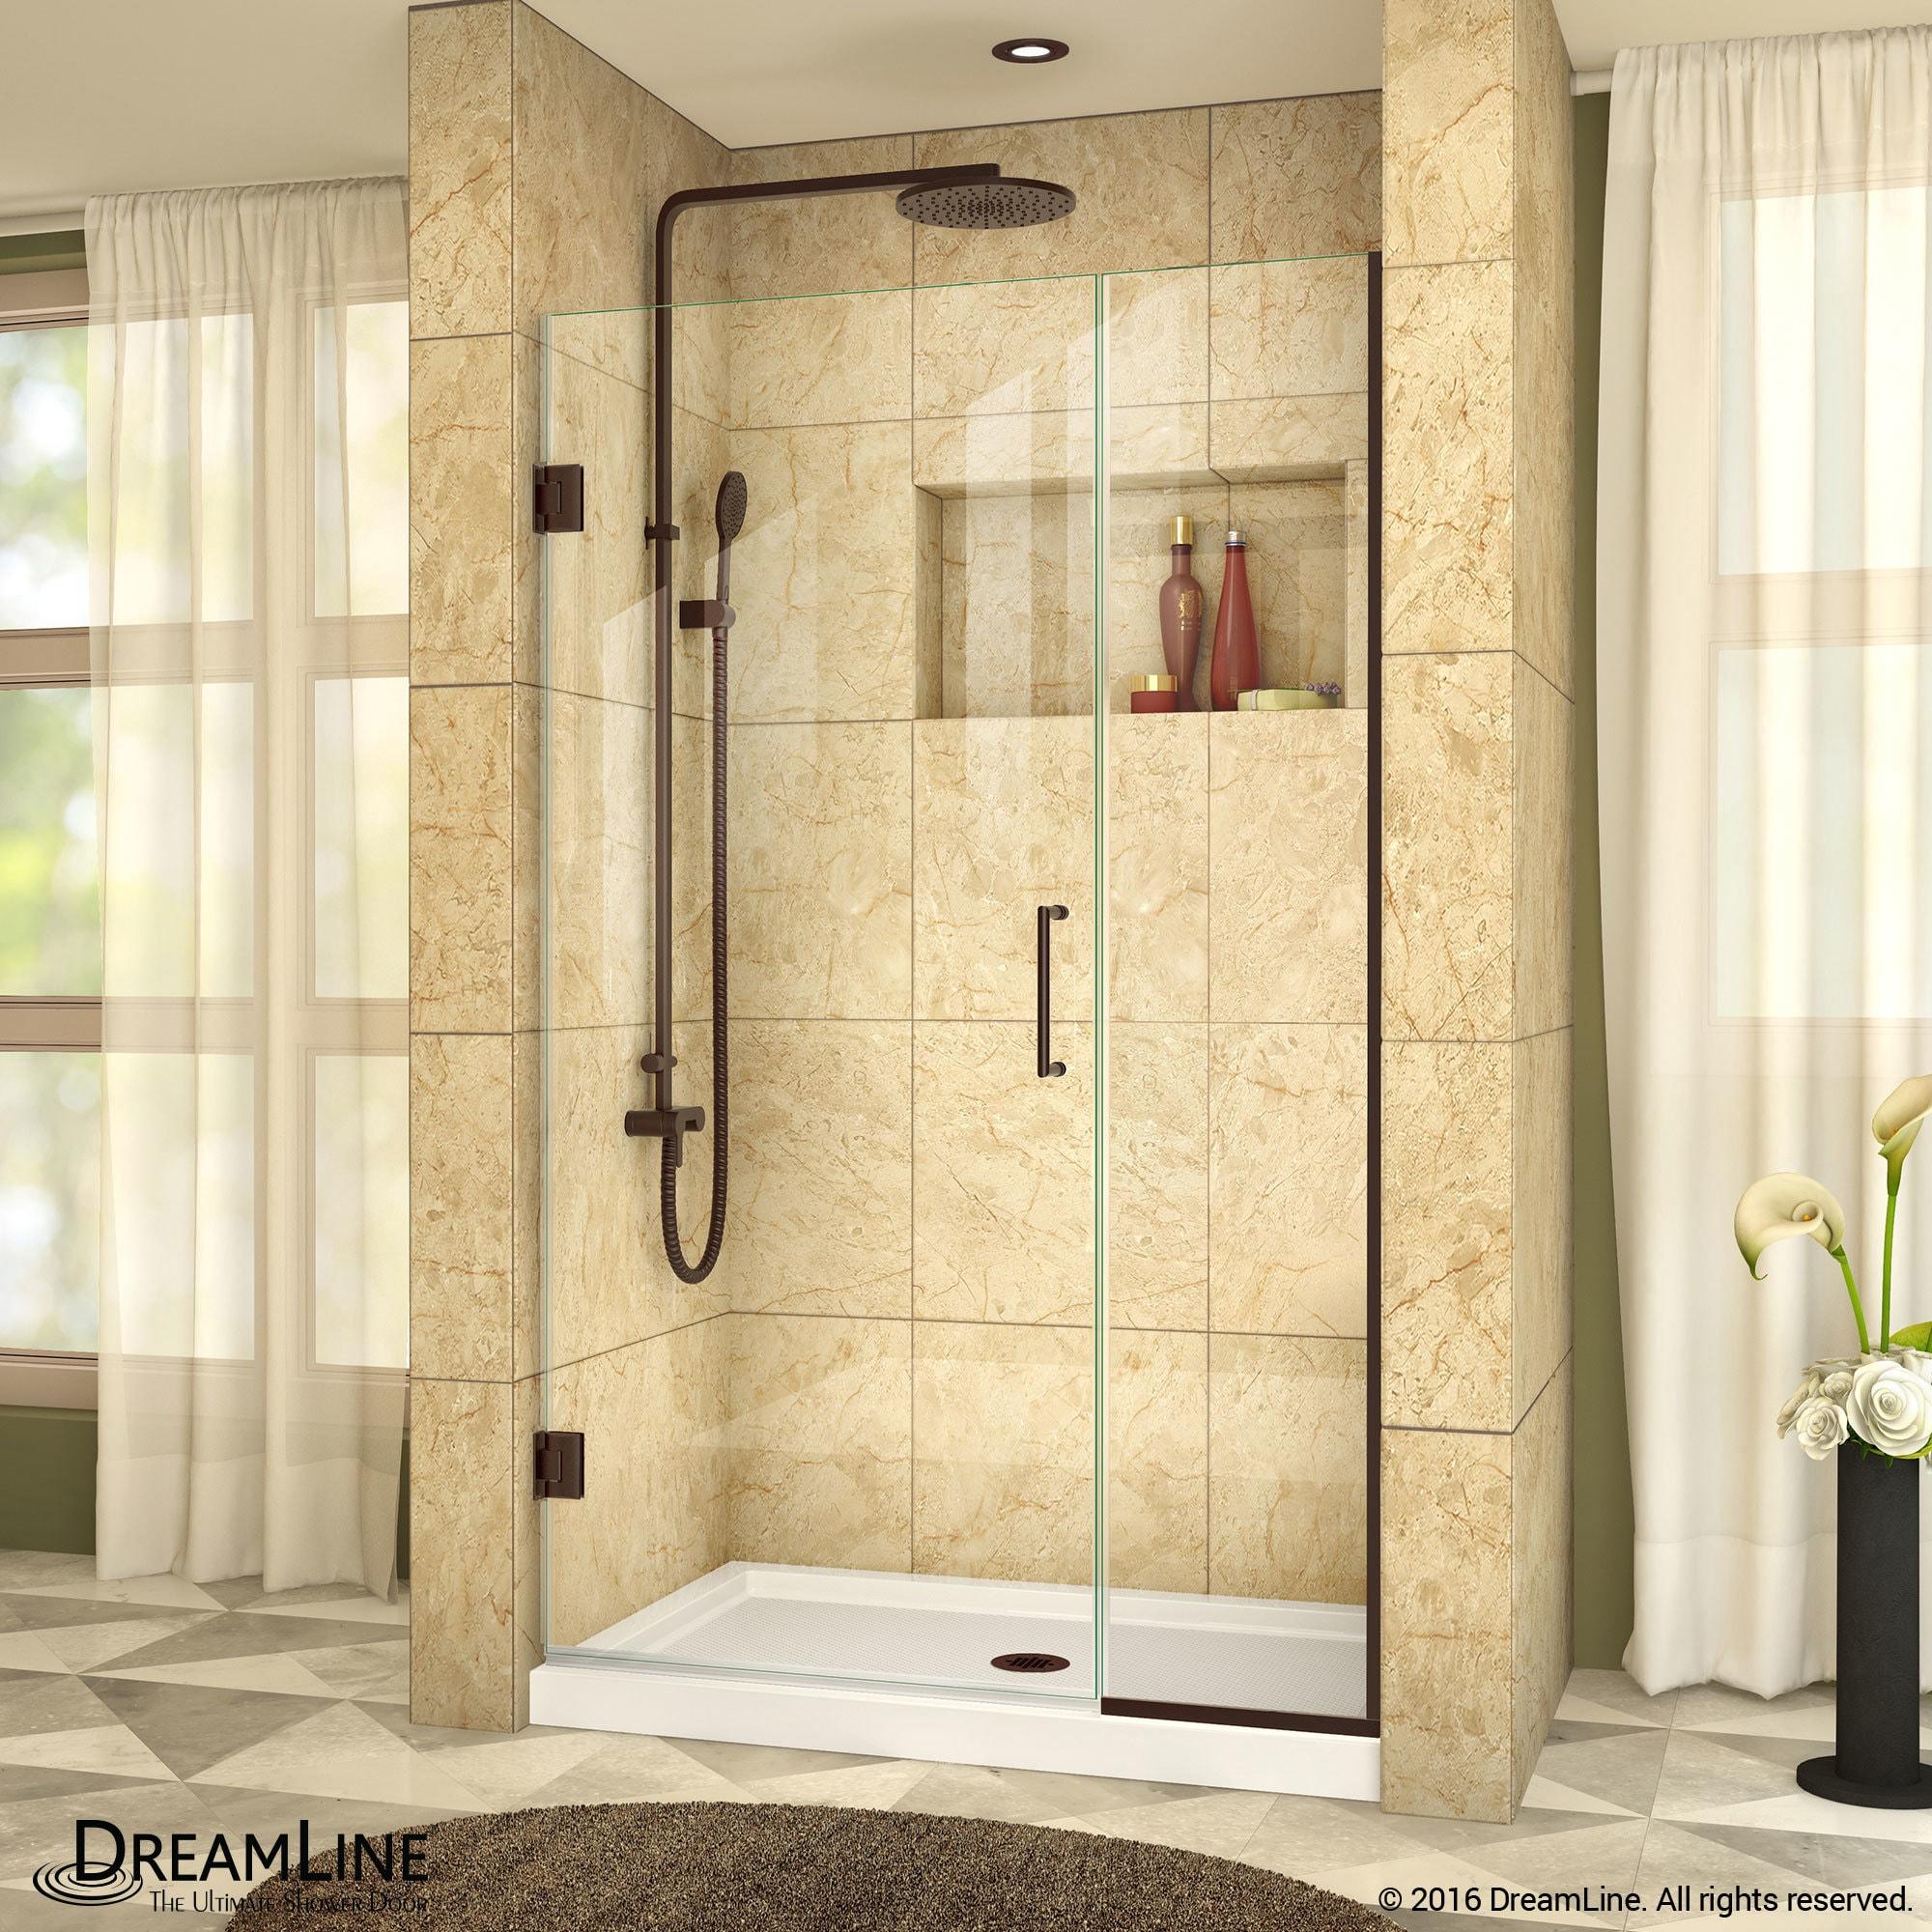 Dreamline Unidoor Plus 39 39 1 2 In W X 72 In H Frameless Hinged Shower Door 39 39 5 W